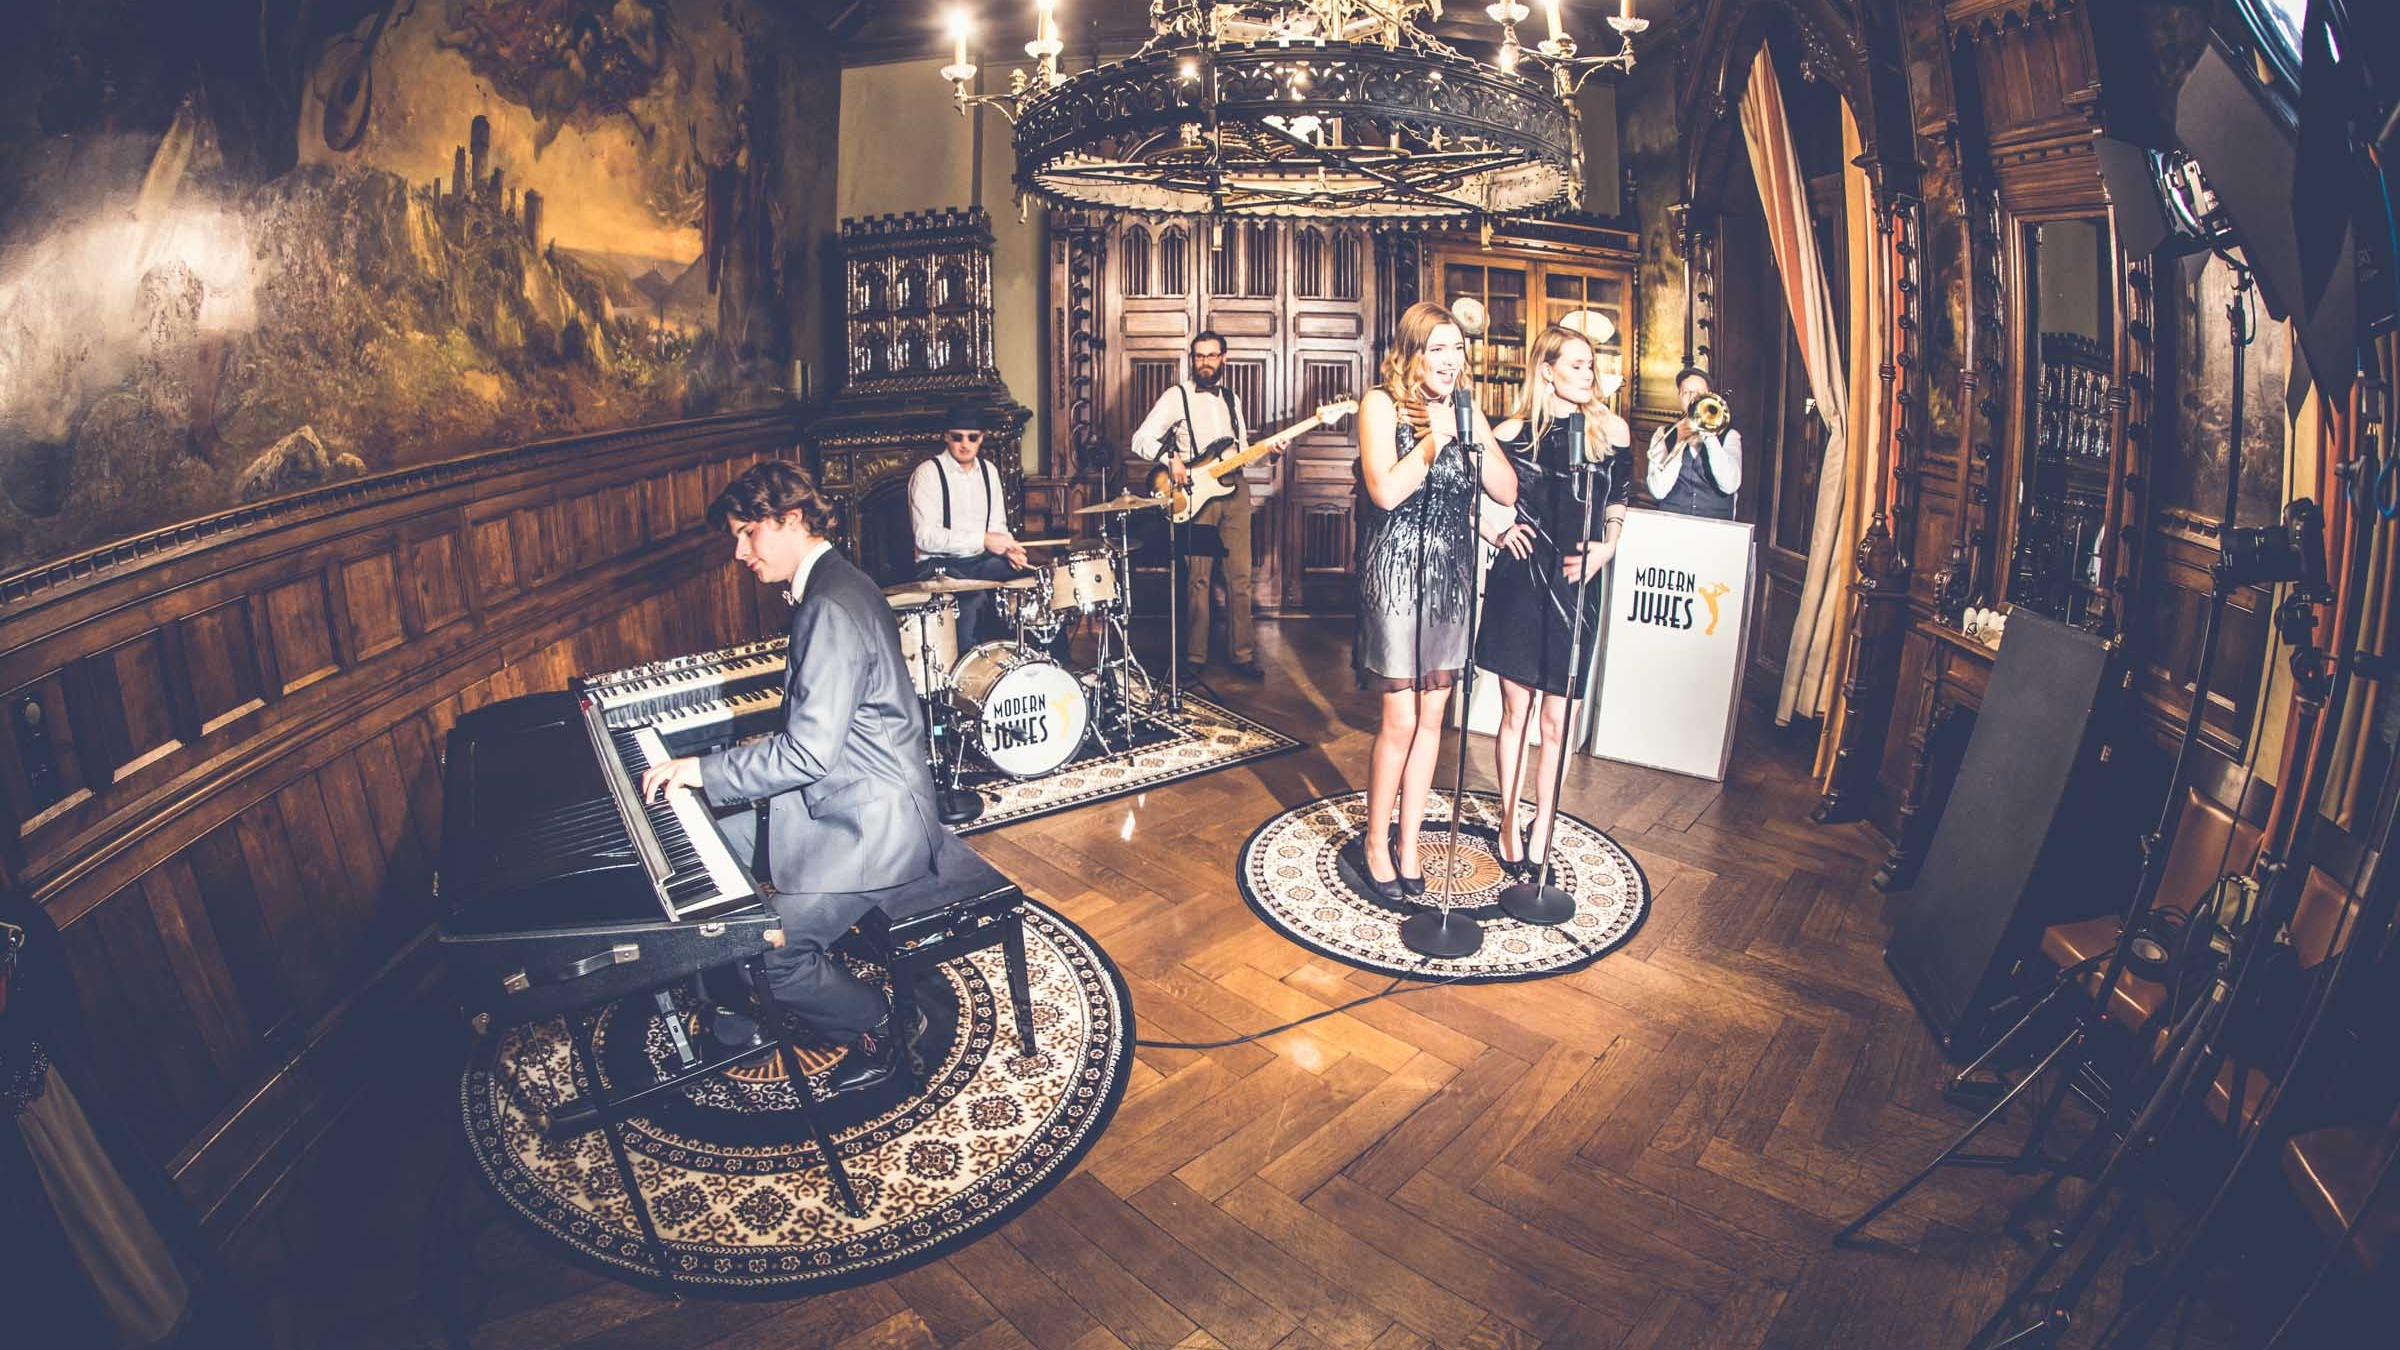 Partner | Modern | Jukes | Band | Hannover | Swing | Jazz | Lounge | Empfang | Trauung | Hochzeit | Buchen | Mieten | Anfragen